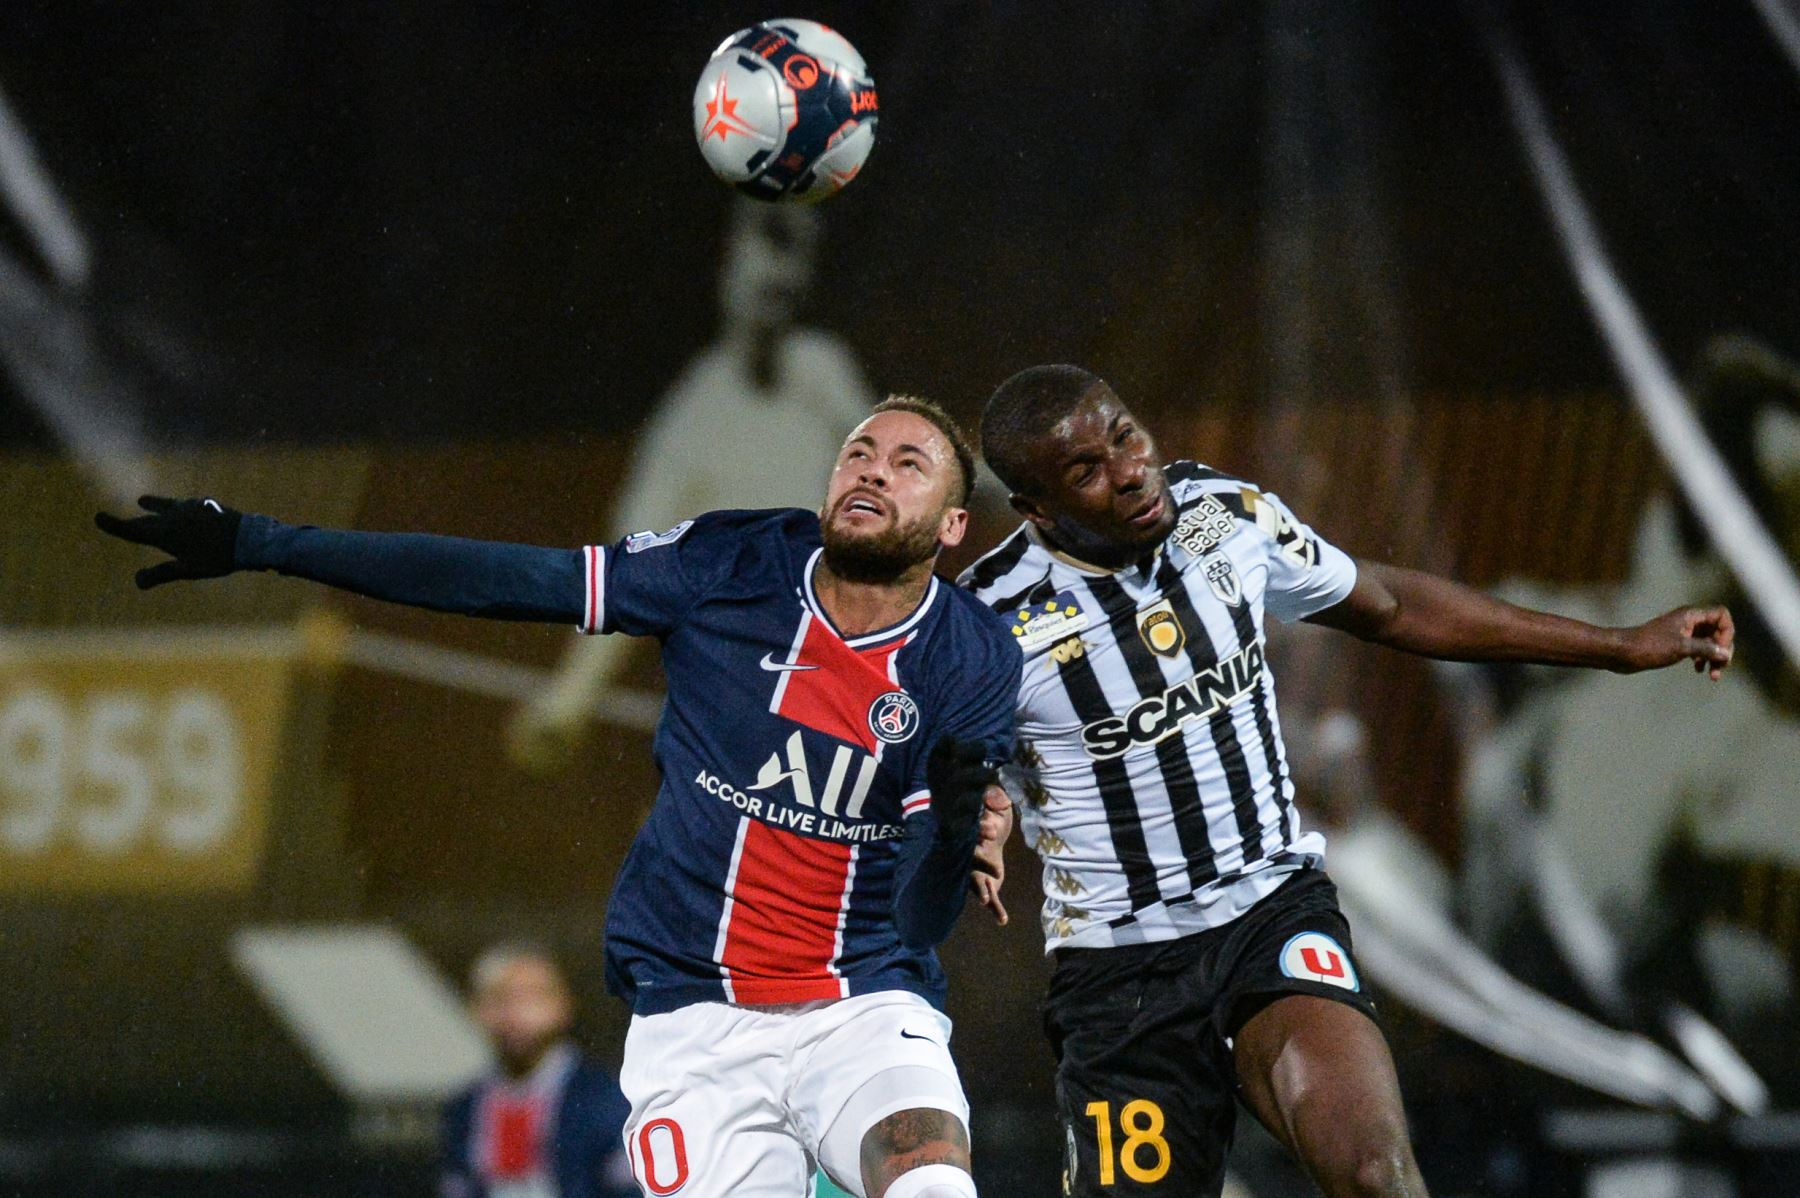 El delantero brasileño del PSG Neymar salta por el balón con el centrocampista francés de Angers, Ibrahim Amadou, durante el partido de fútbol francés L1 entre Angers y PSG en el Estadio Raymond Kopa en Angers, oeste de Francia. Foto: AFP